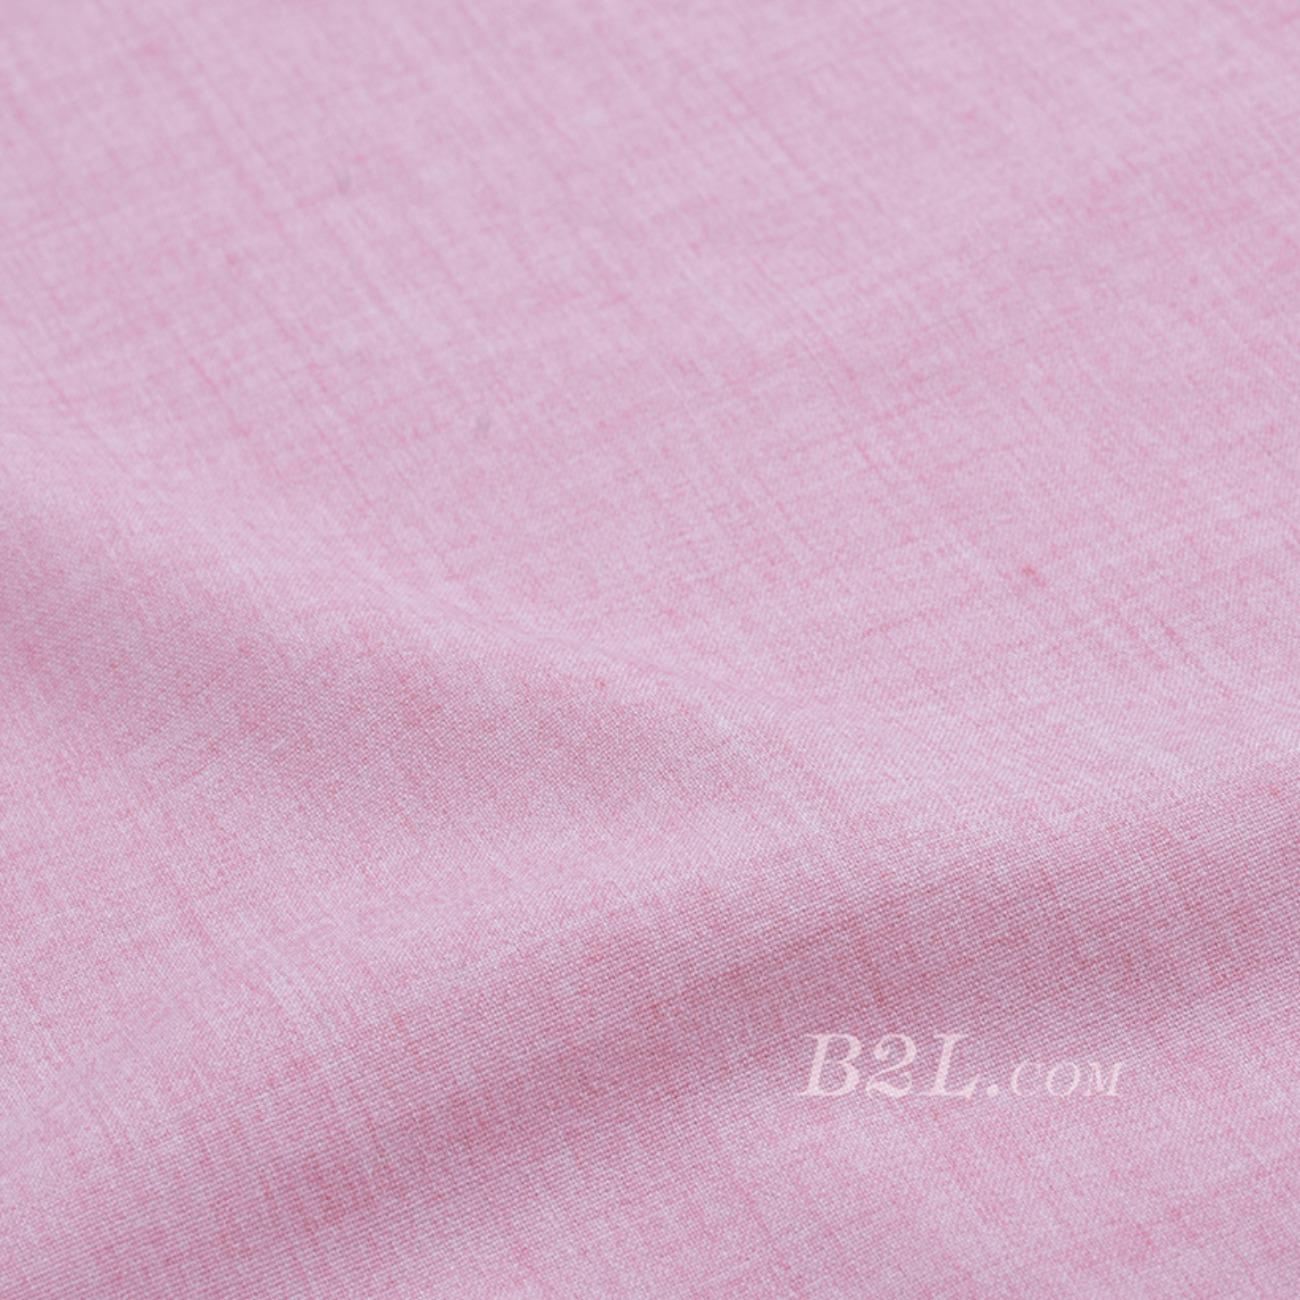 素色 梭织 染色 低弹 春秋 外套 连衣裙 西装 女装 80729-15